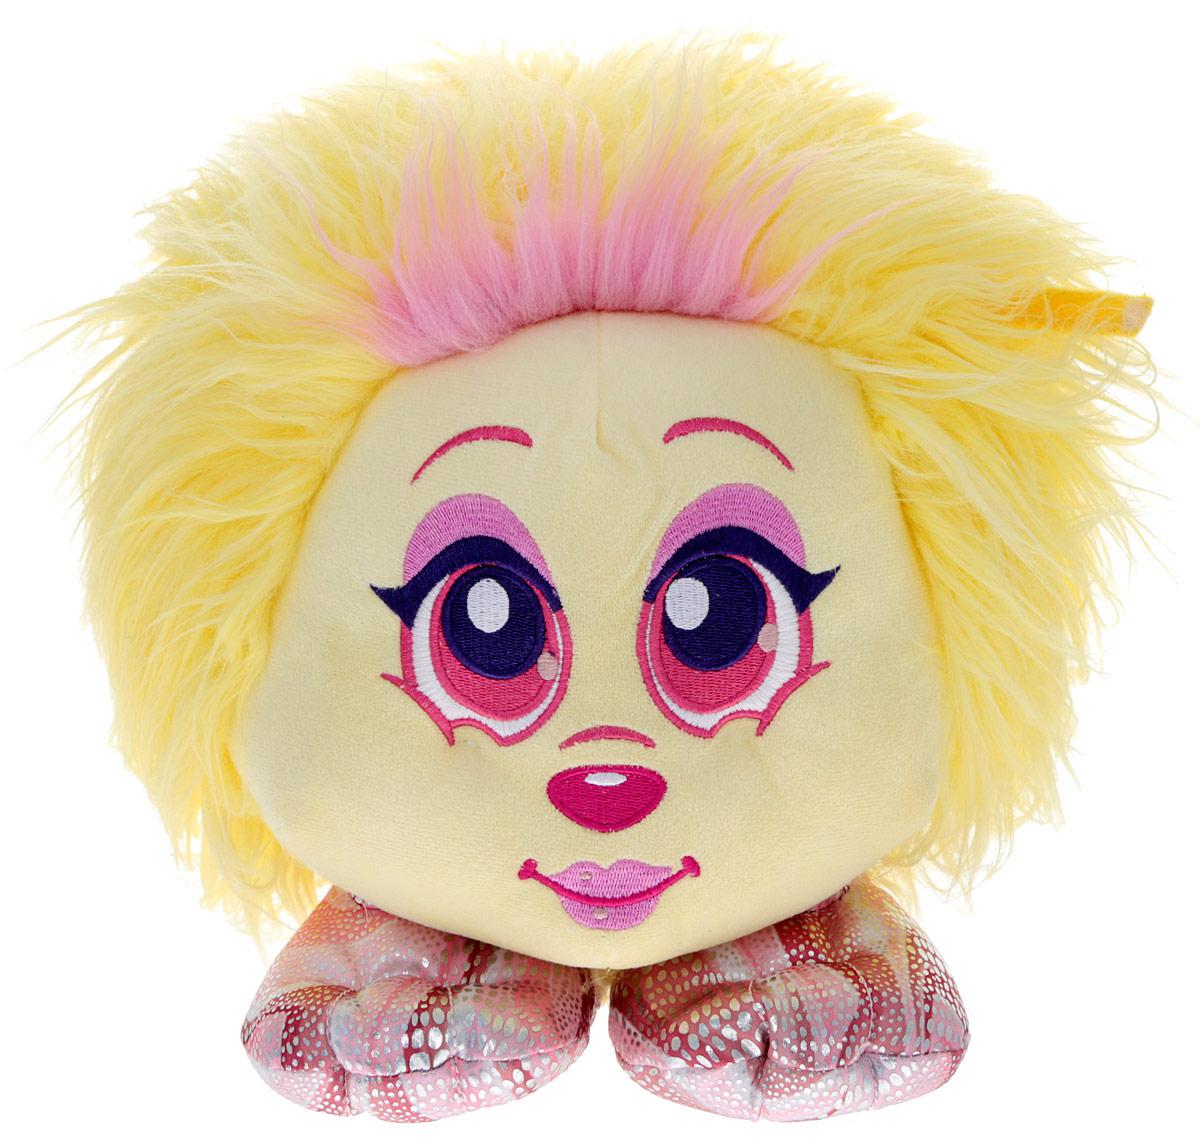 Zuru Мягкая игрушка Big Shnooks 23 см цвет желтый203_желтыйМягкая игрушка Zuru Big Shnooks привлечет внимание вашей малышки и станет для нее лучшим другом. Shnooks (Шнукс) - забавный плюшевый мохнатик с веселой мордочкой, маленьким носиком, добрыми глазками и пухлыми маленькими лапками. Все зверюшки Shnooks любят, когда их обнимают, гладят, заплетают косички и создают различные прически. Перед использованием игрушку необходимо достать из упаковки и потрясти. Объем волос игрушки сильно увеличится. Такая замечательная игрушка подарит вашей малышке множество часов приятных объятий, а также позволит ей проявить свой парикмахерский талант.